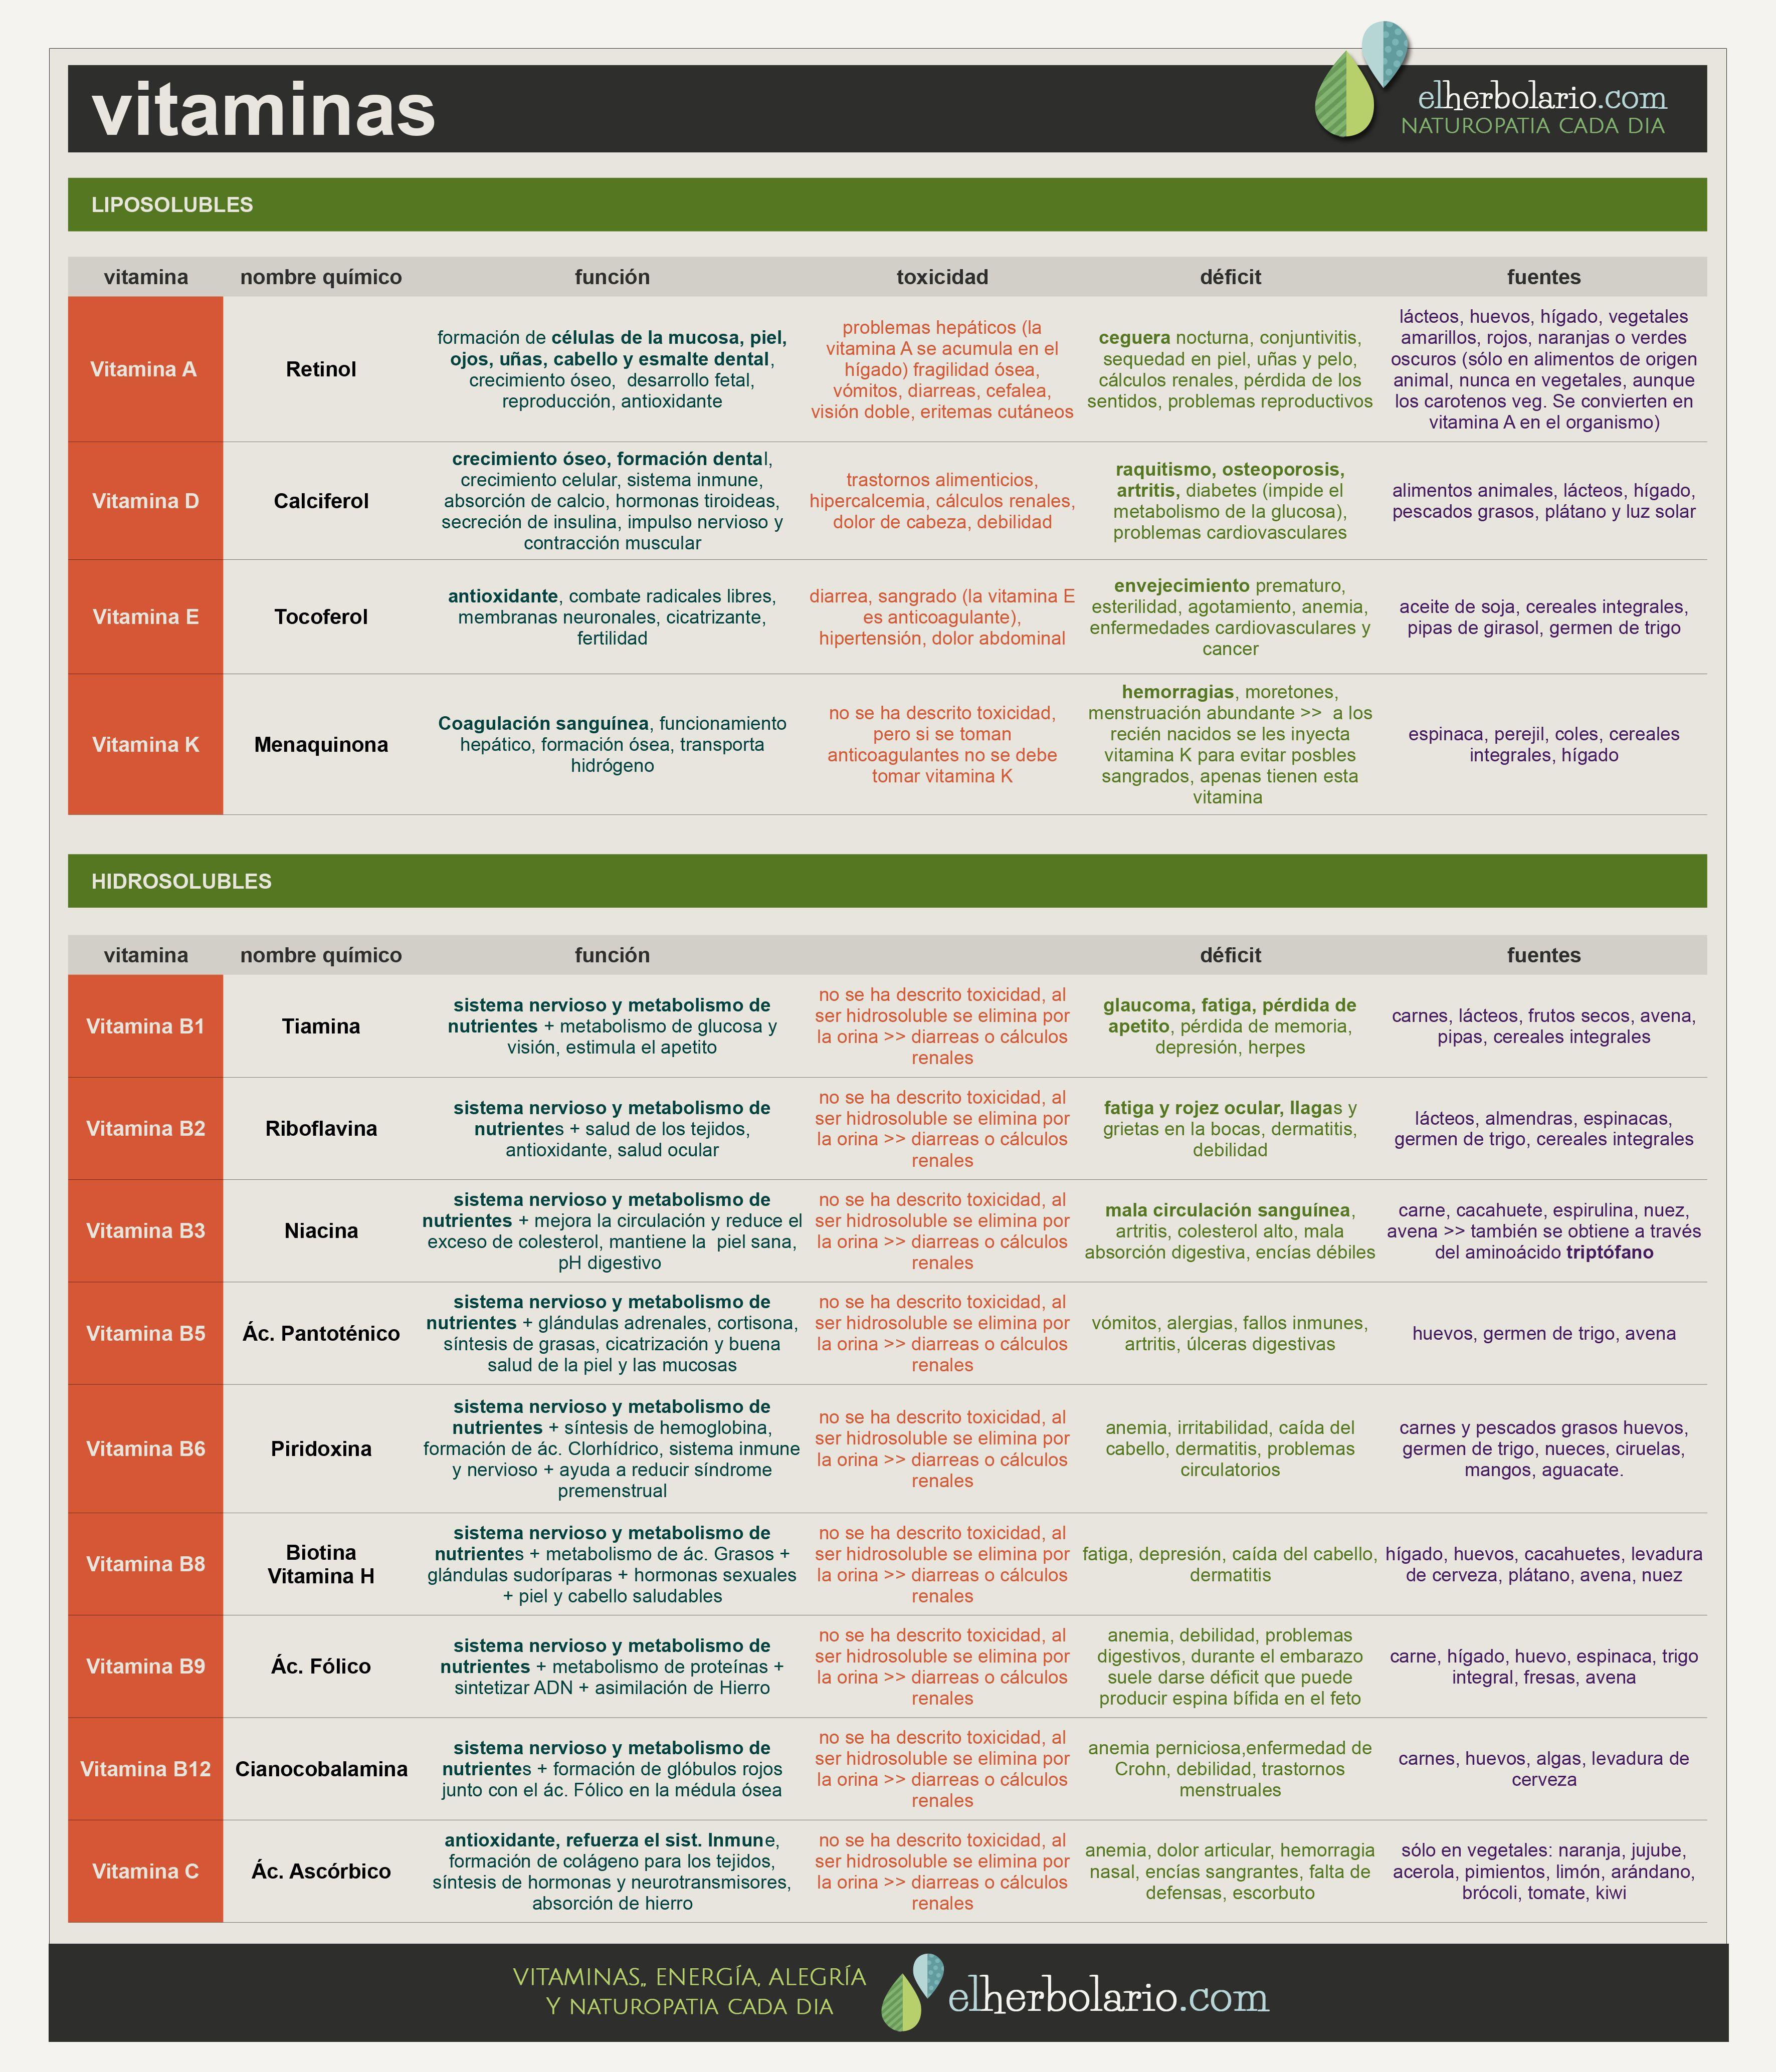 Tabla De Vitaminas Sus Nombres Quimicos Sus Propiedades Y